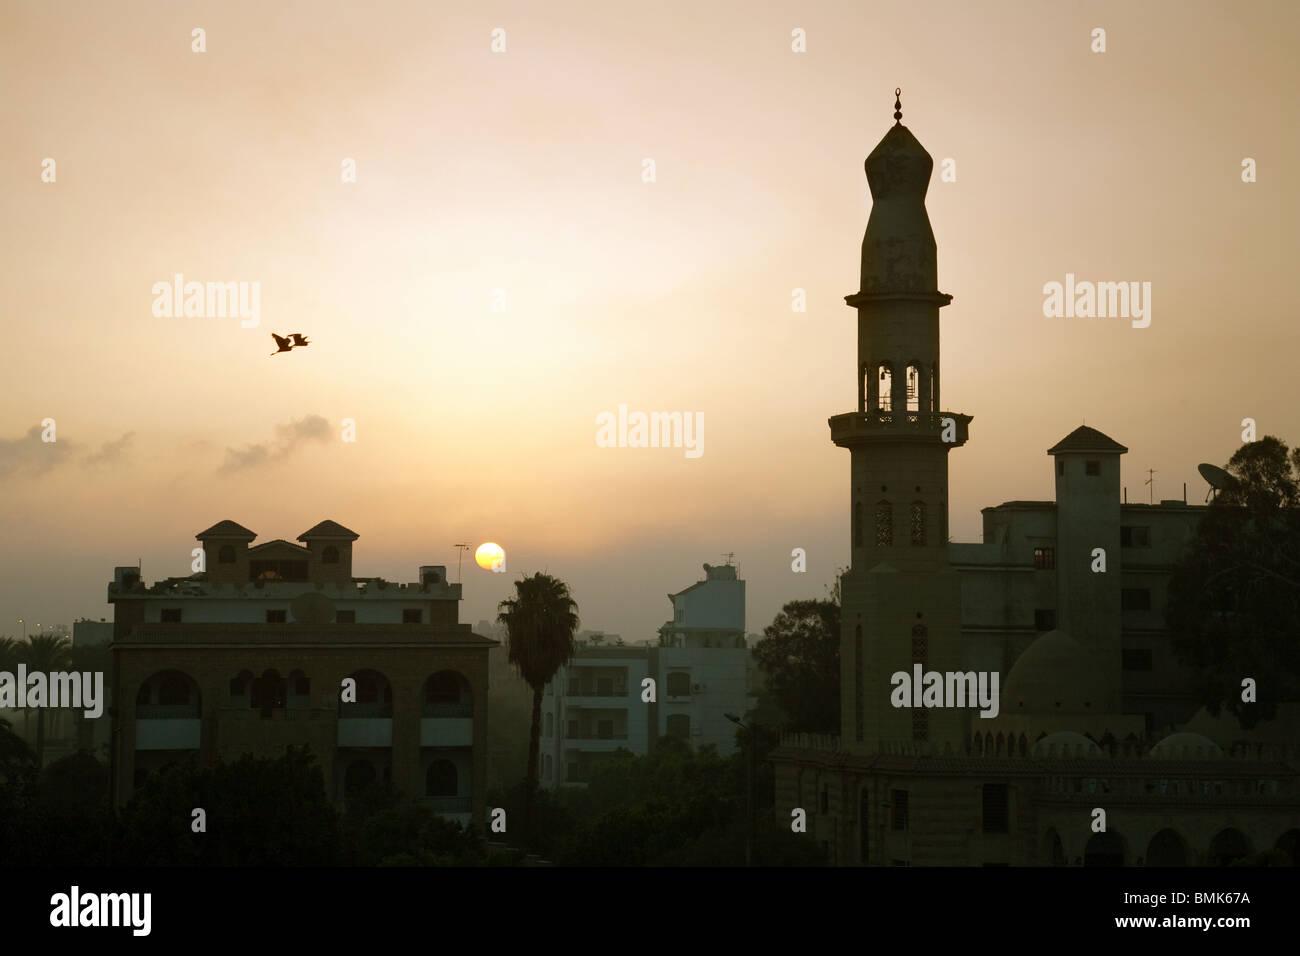 Amanecer en El Cairo, Egipto, África Imagen De Stock